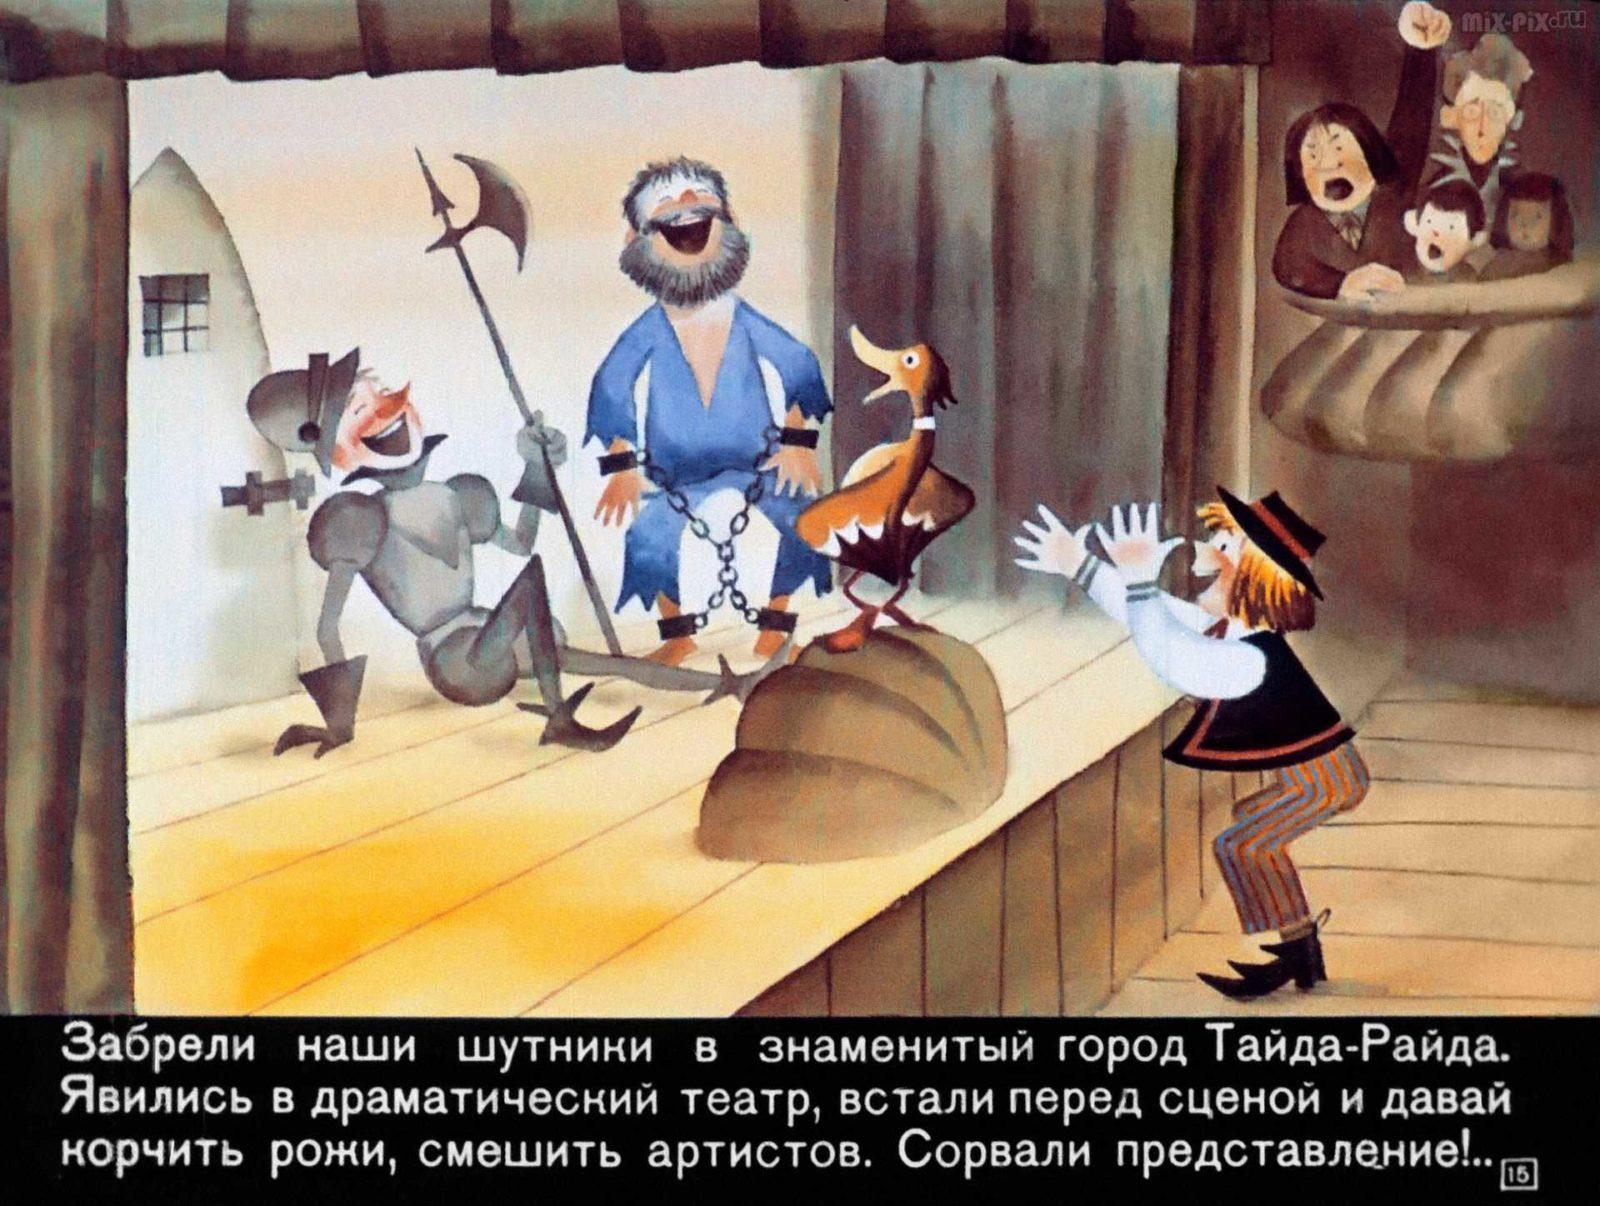 Сапожник Копытко и утка Кря (1972) 28